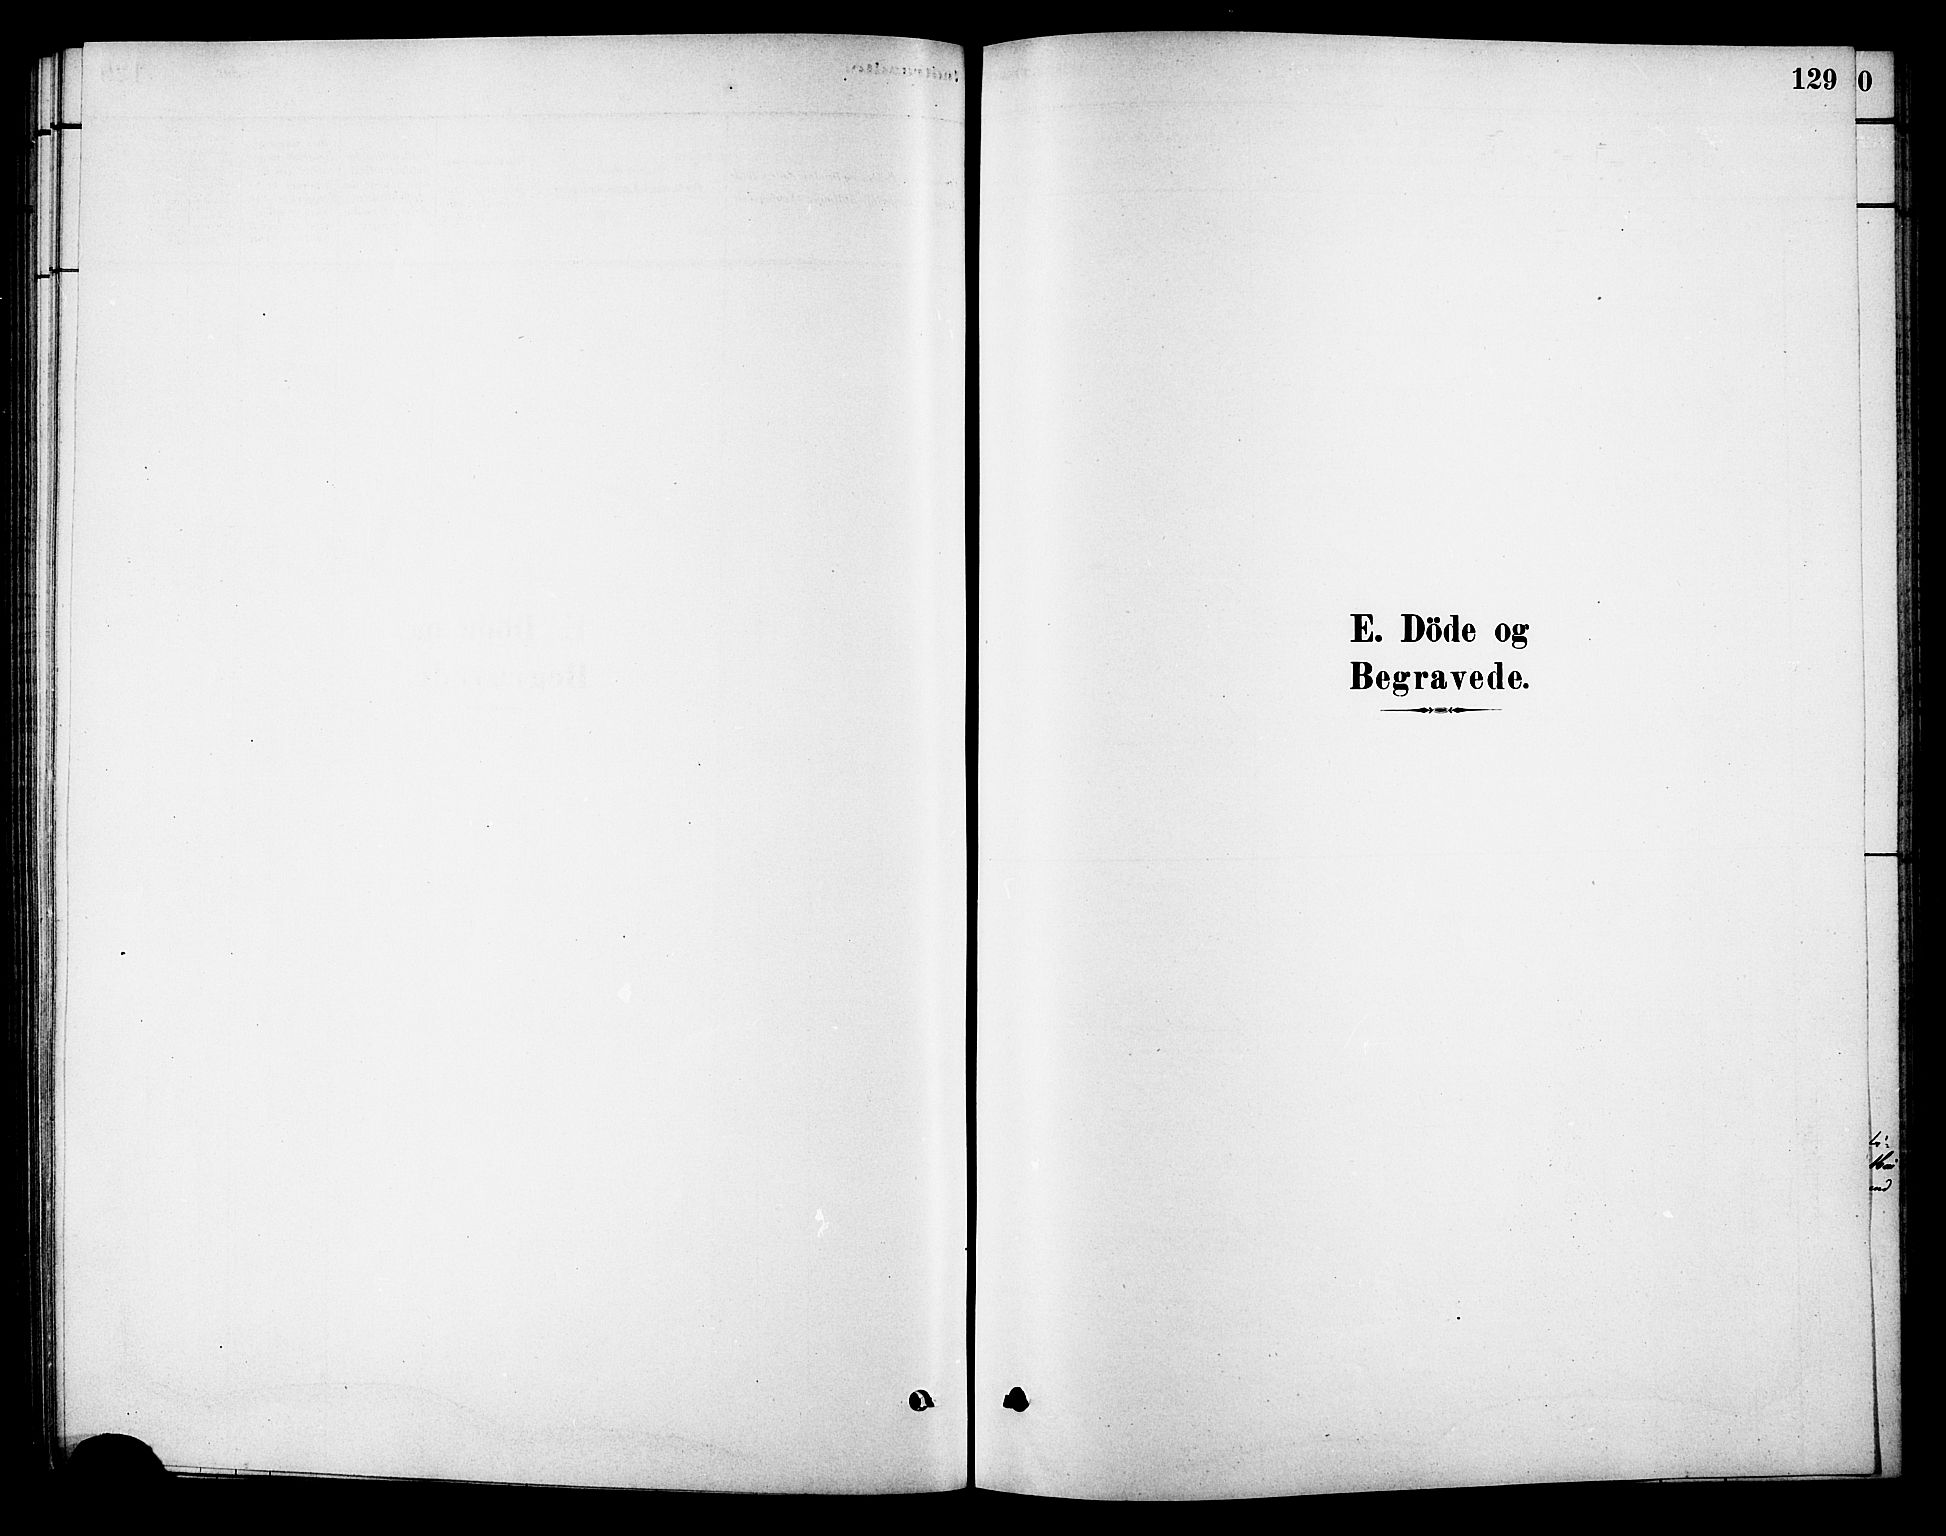 SAT, Ministerialprotokoller, klokkerbøker og fødselsregistre - Sør-Trøndelag, 688/L1024: Ministerialbok nr. 688A01, 1879-1890, s. 129